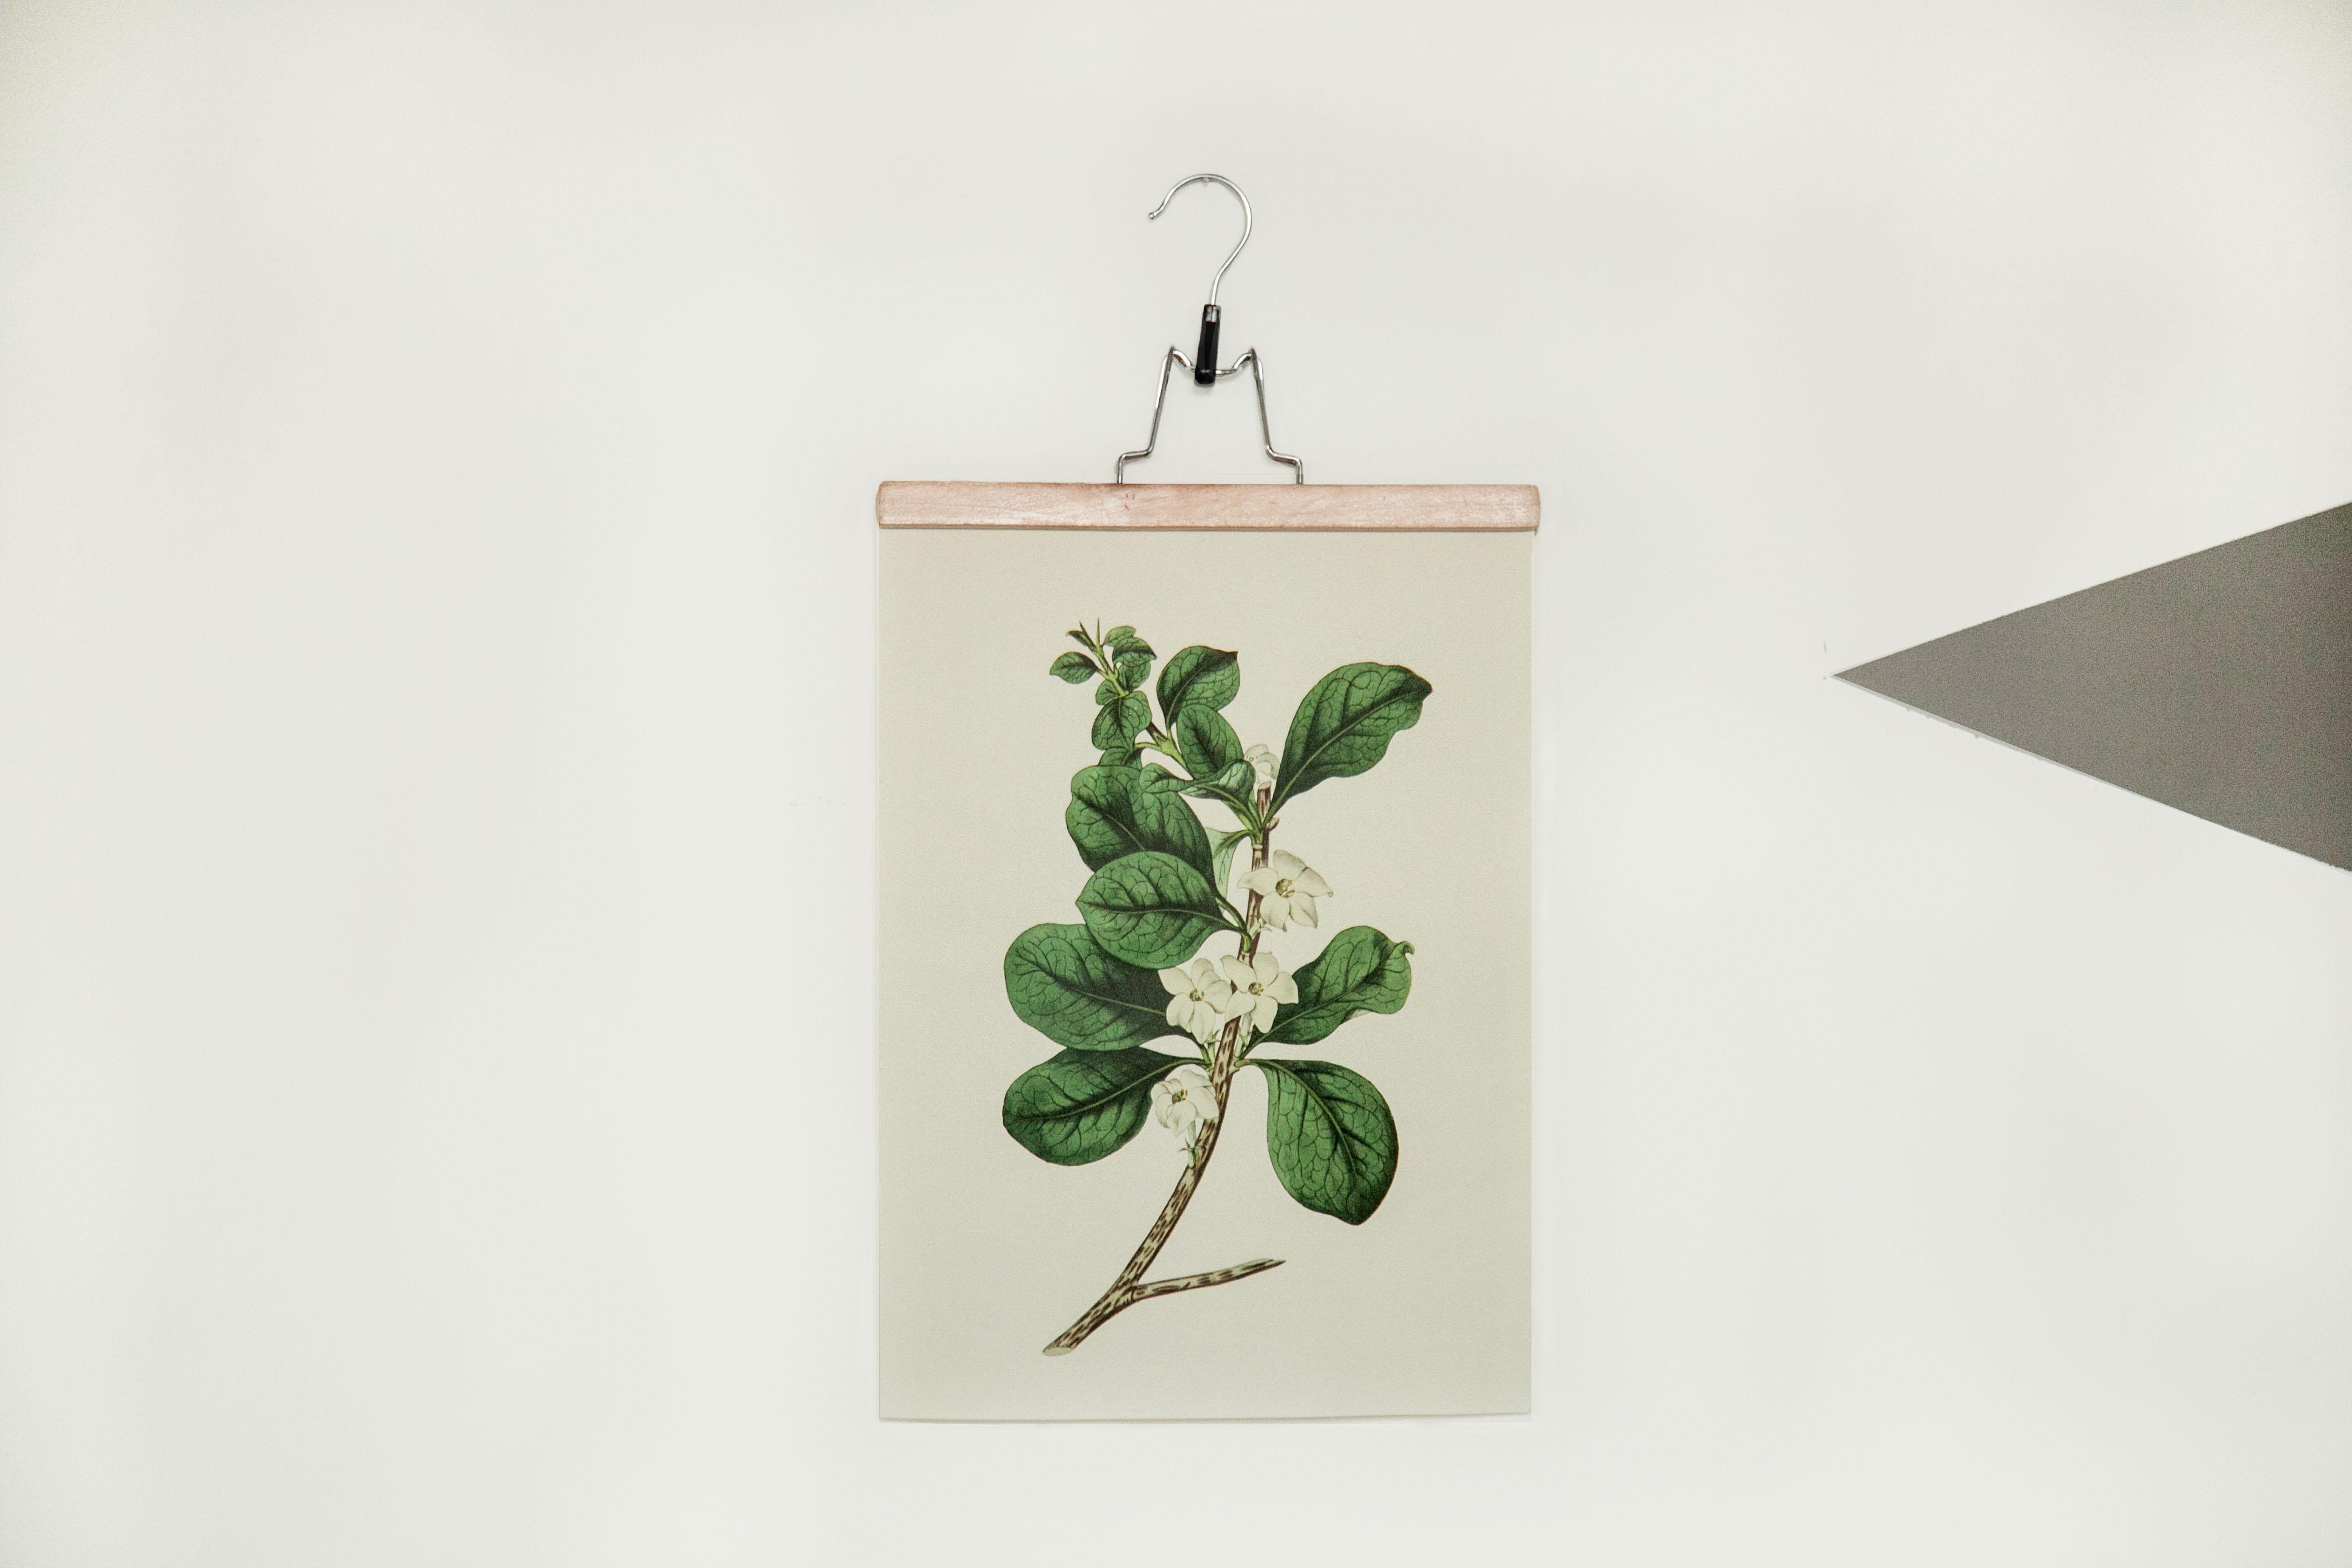 5 Idee Per Appendere Un Poster Senza Cornice Dalani